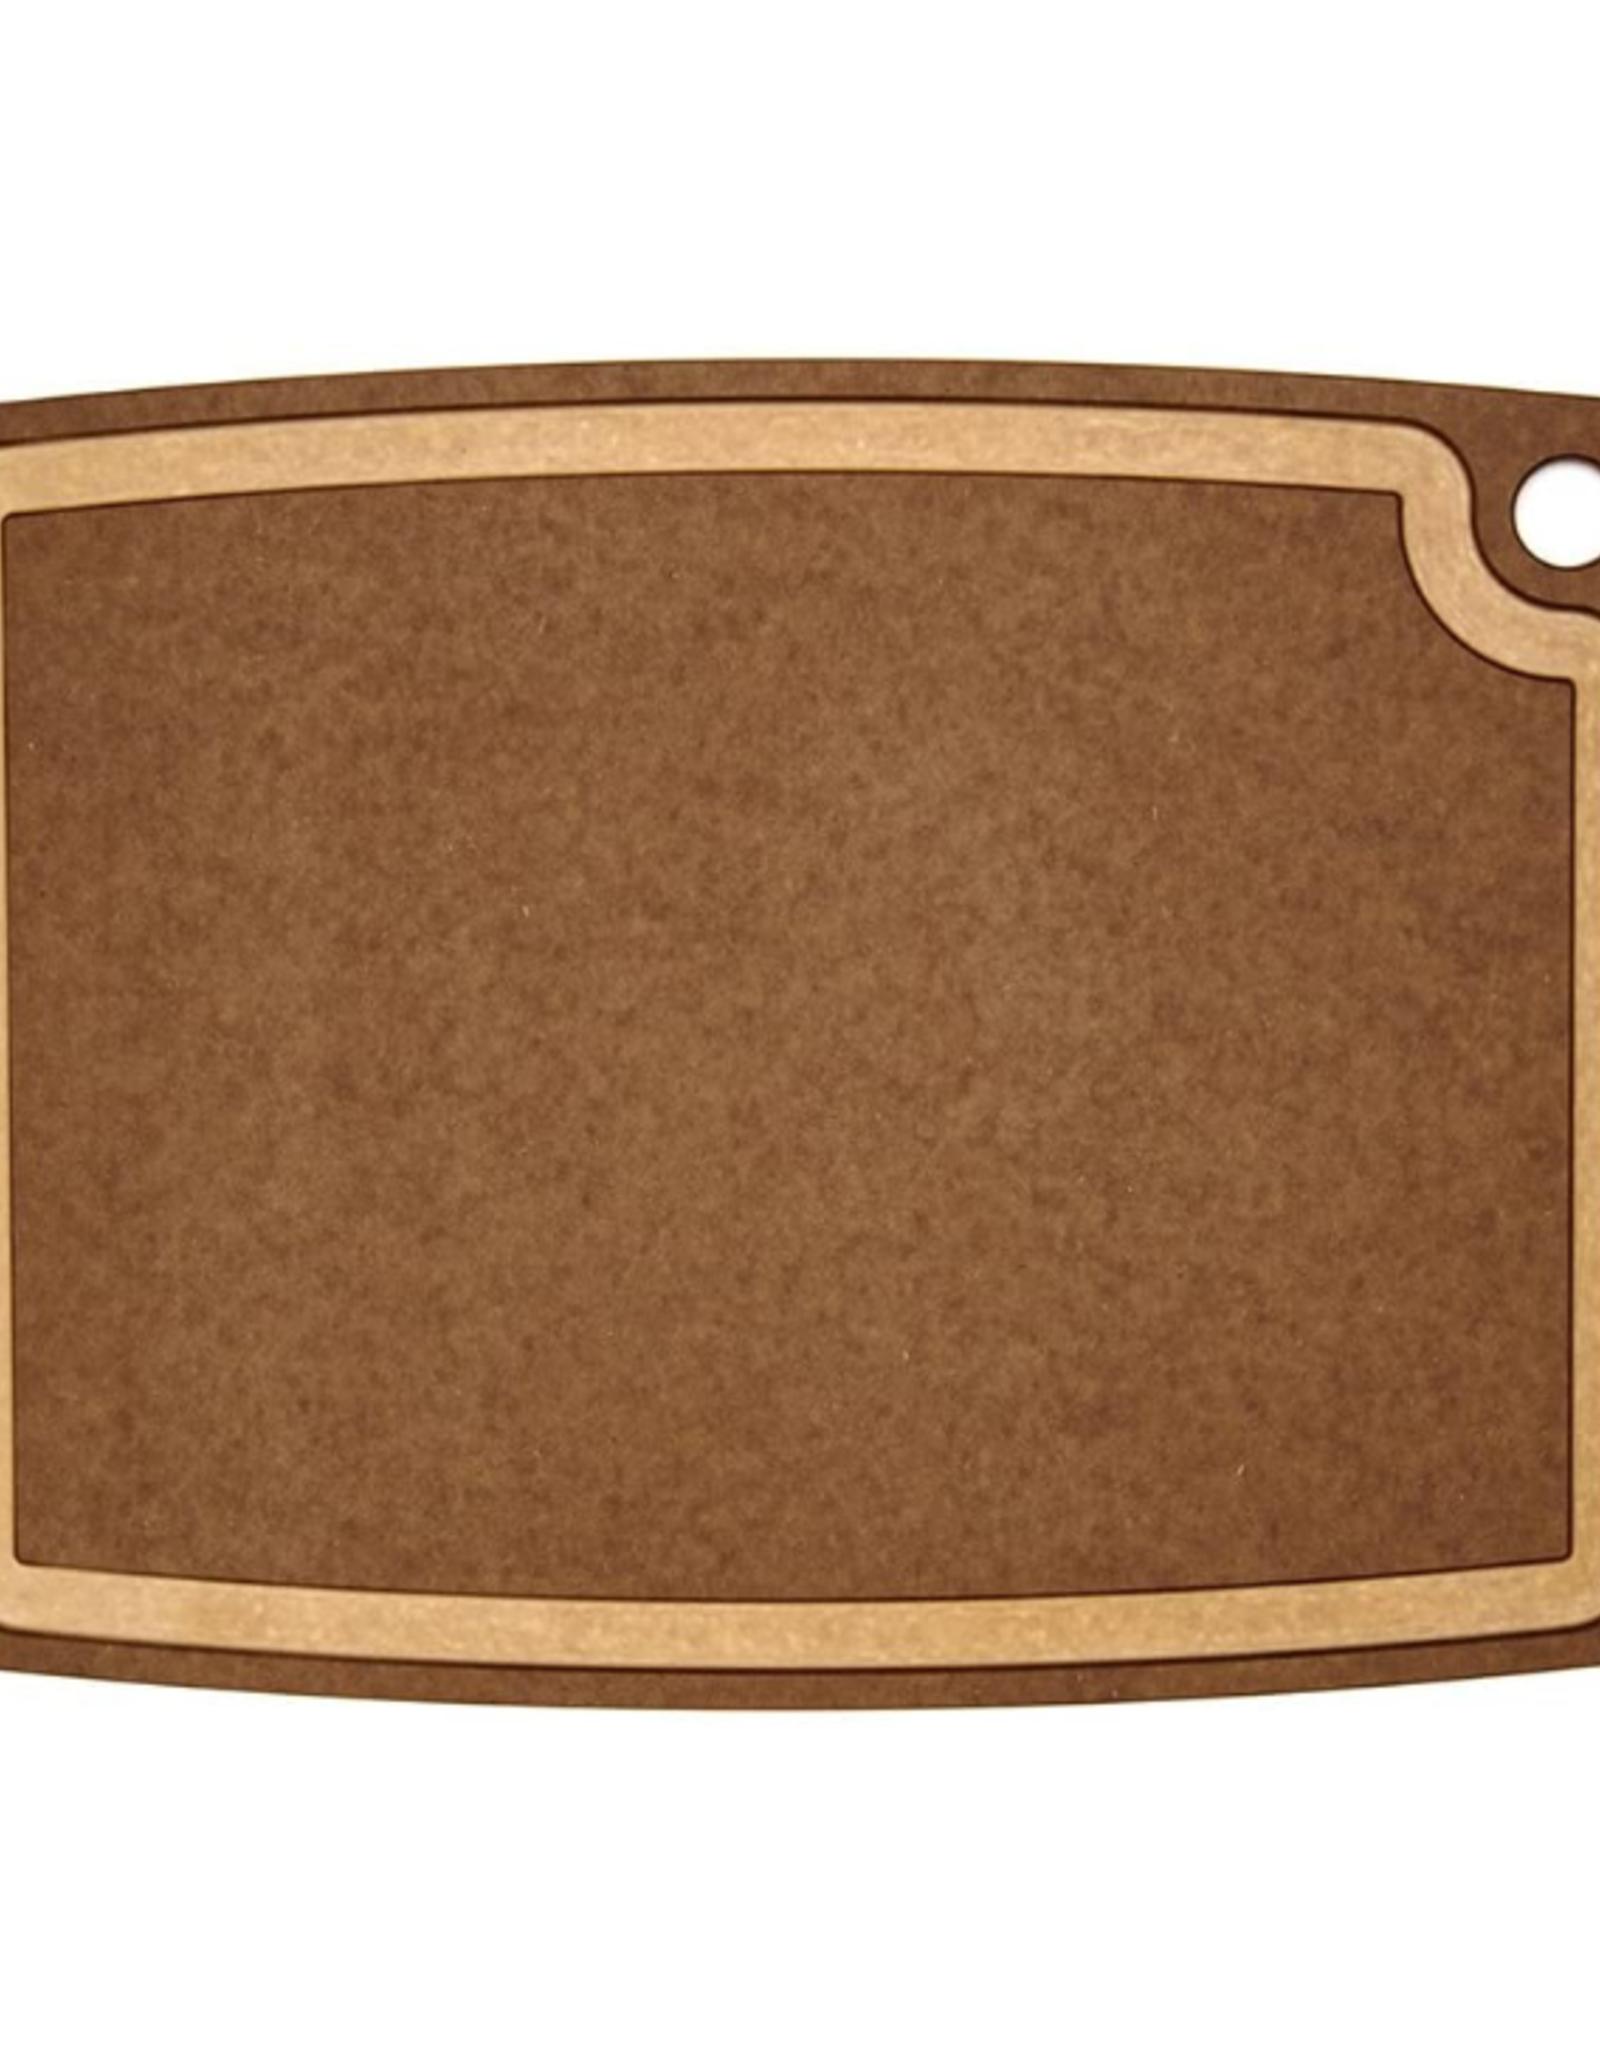 Epicurean Epicurean GS 20x15 NM/Nat Gourmet Cutting Board